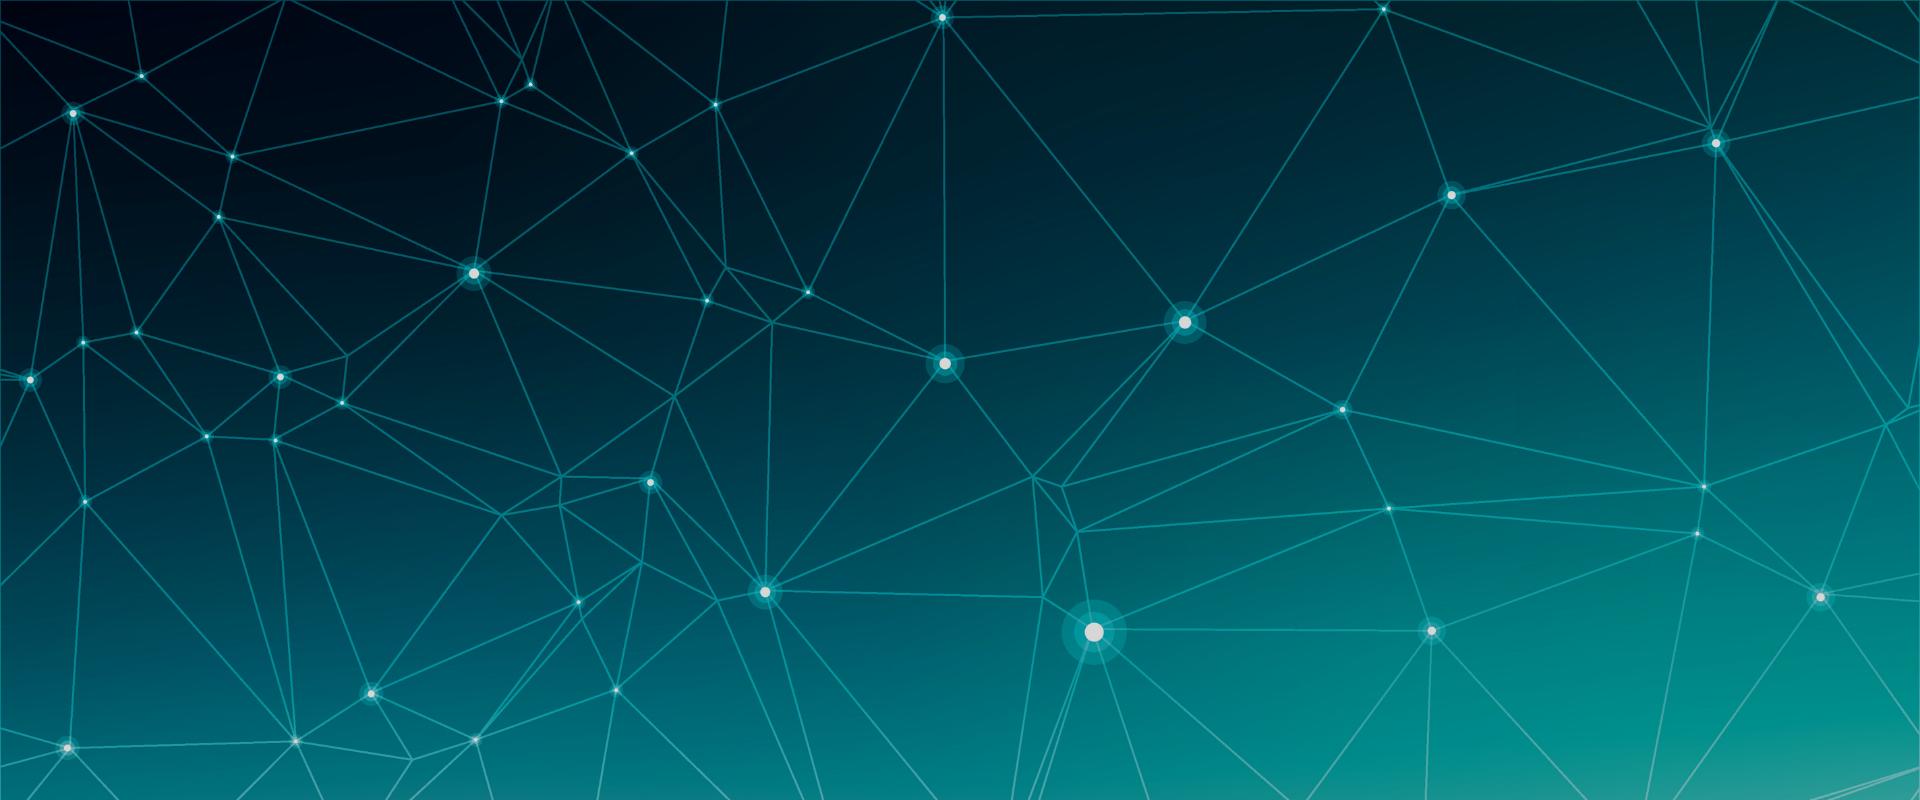 How to Build Digital Advantage, Equinix, Wednesday 10 February 2020